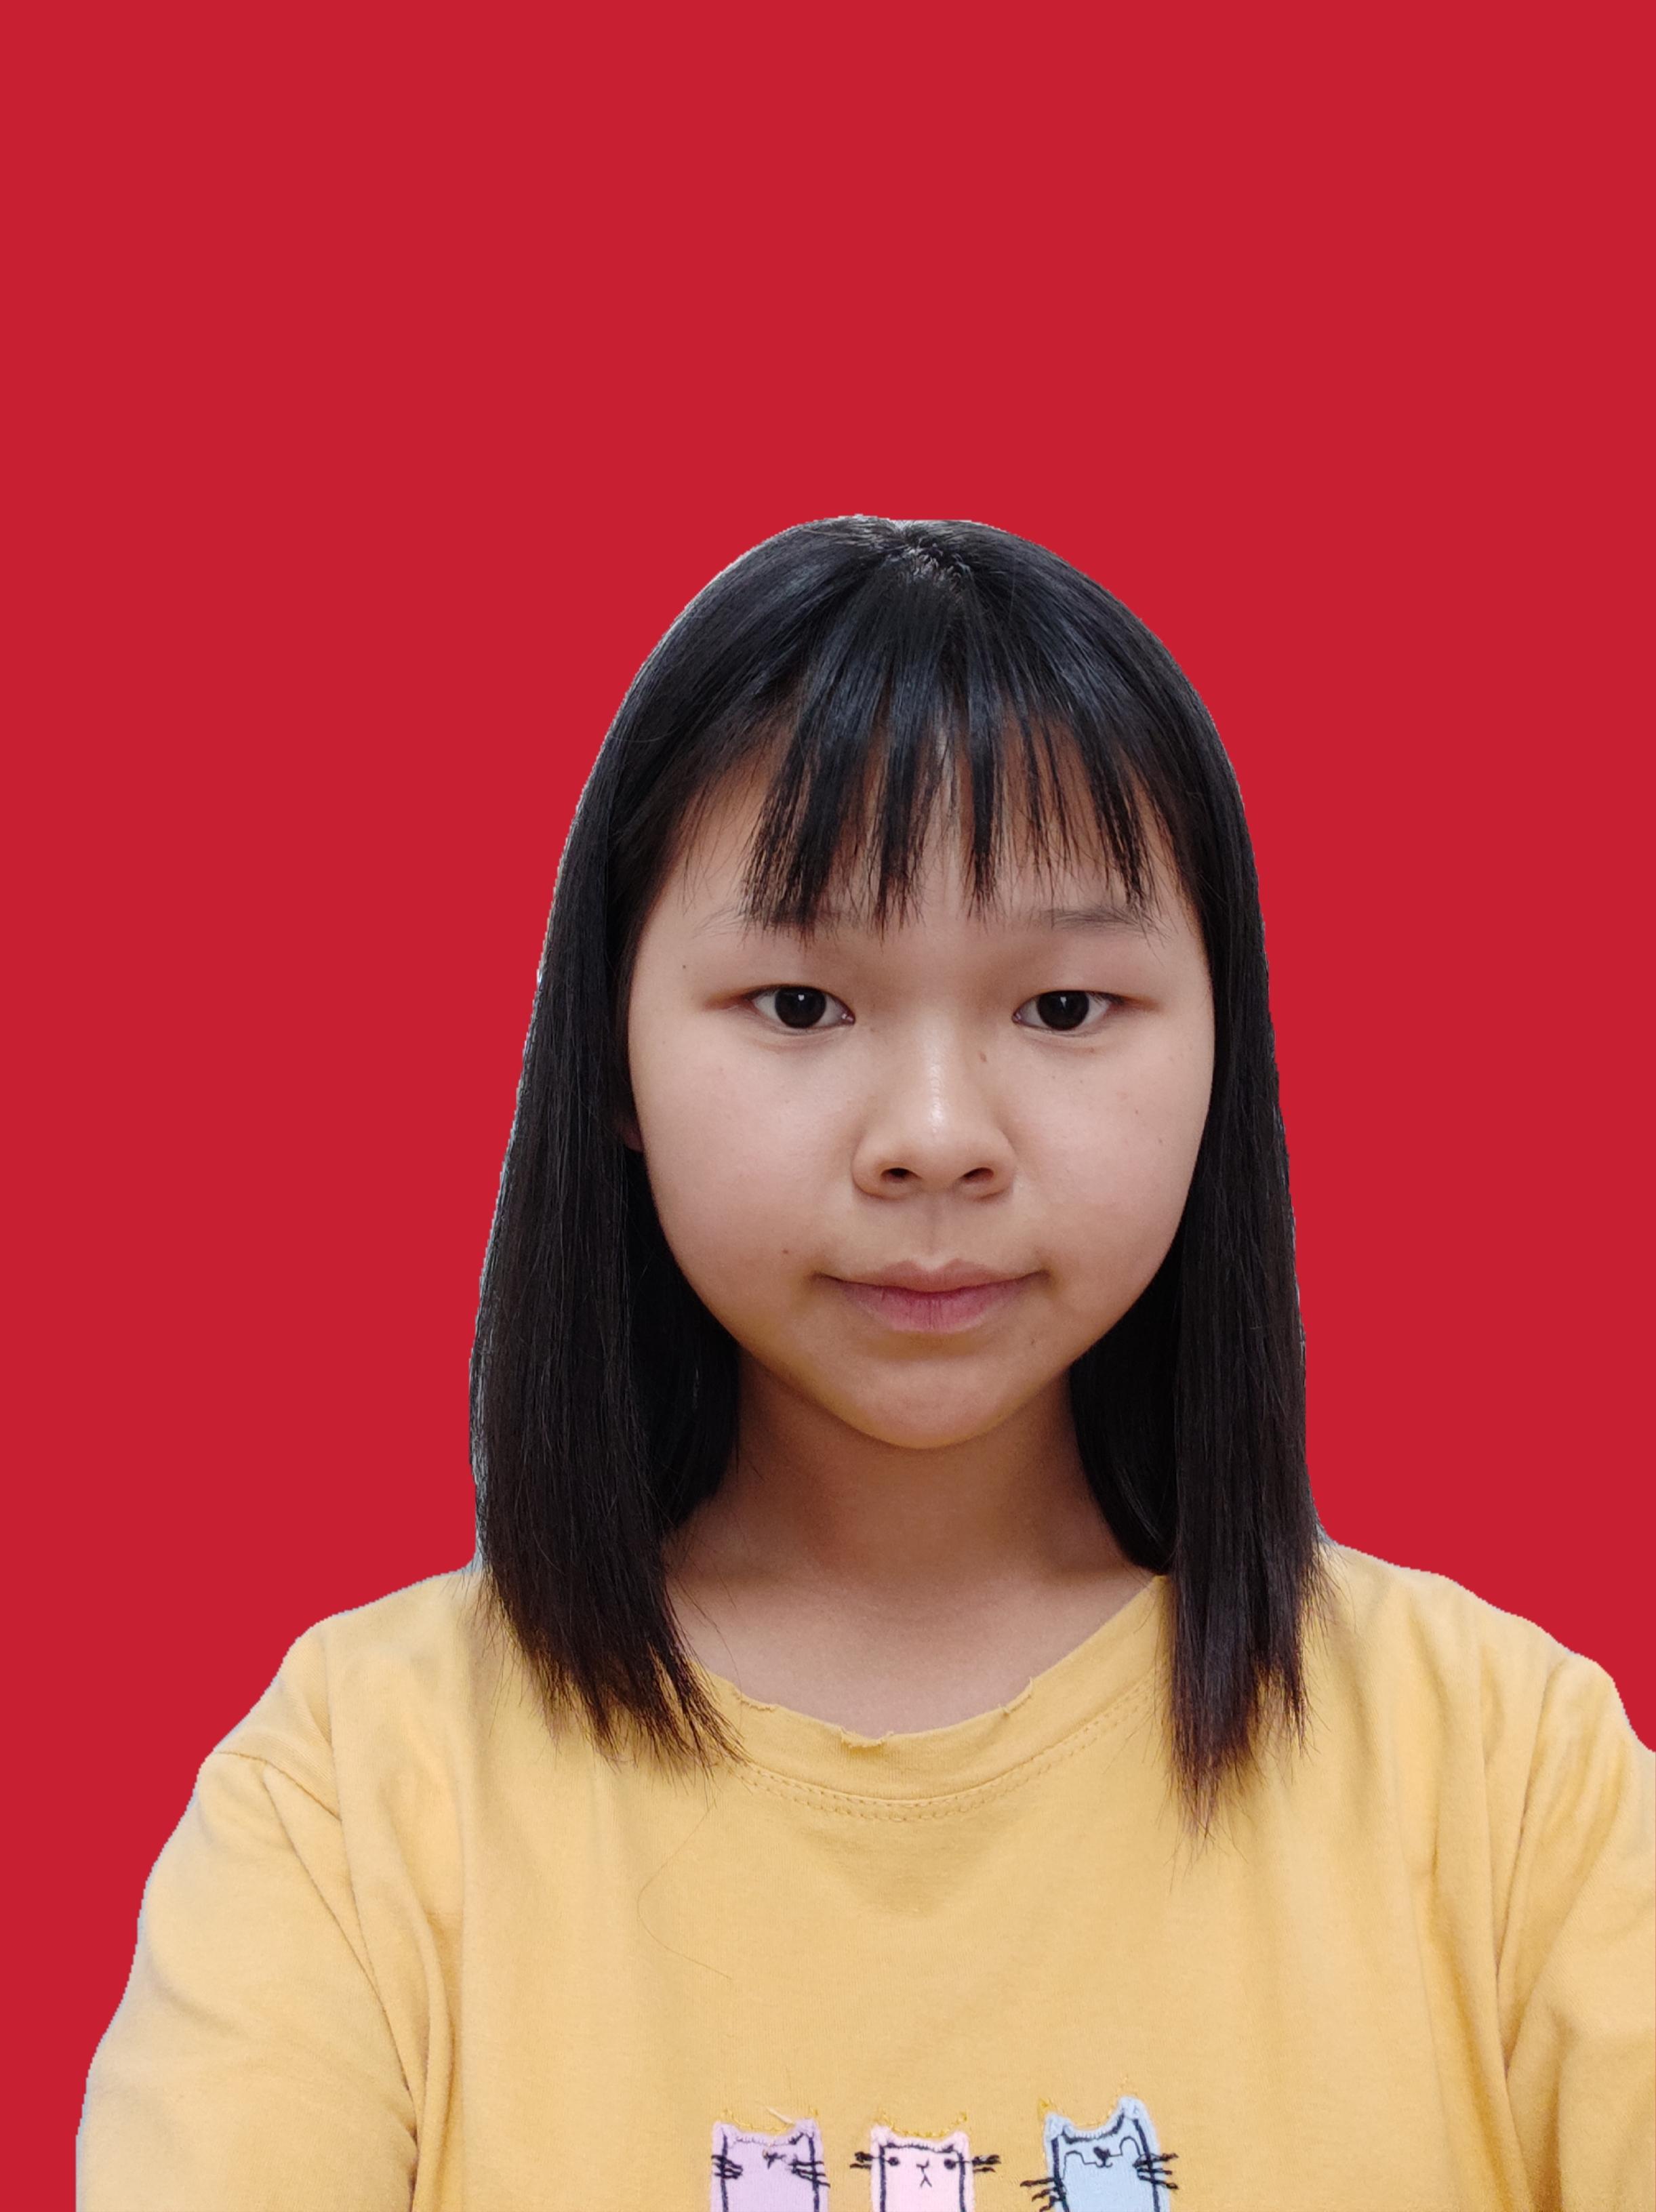 北京家教庞教员